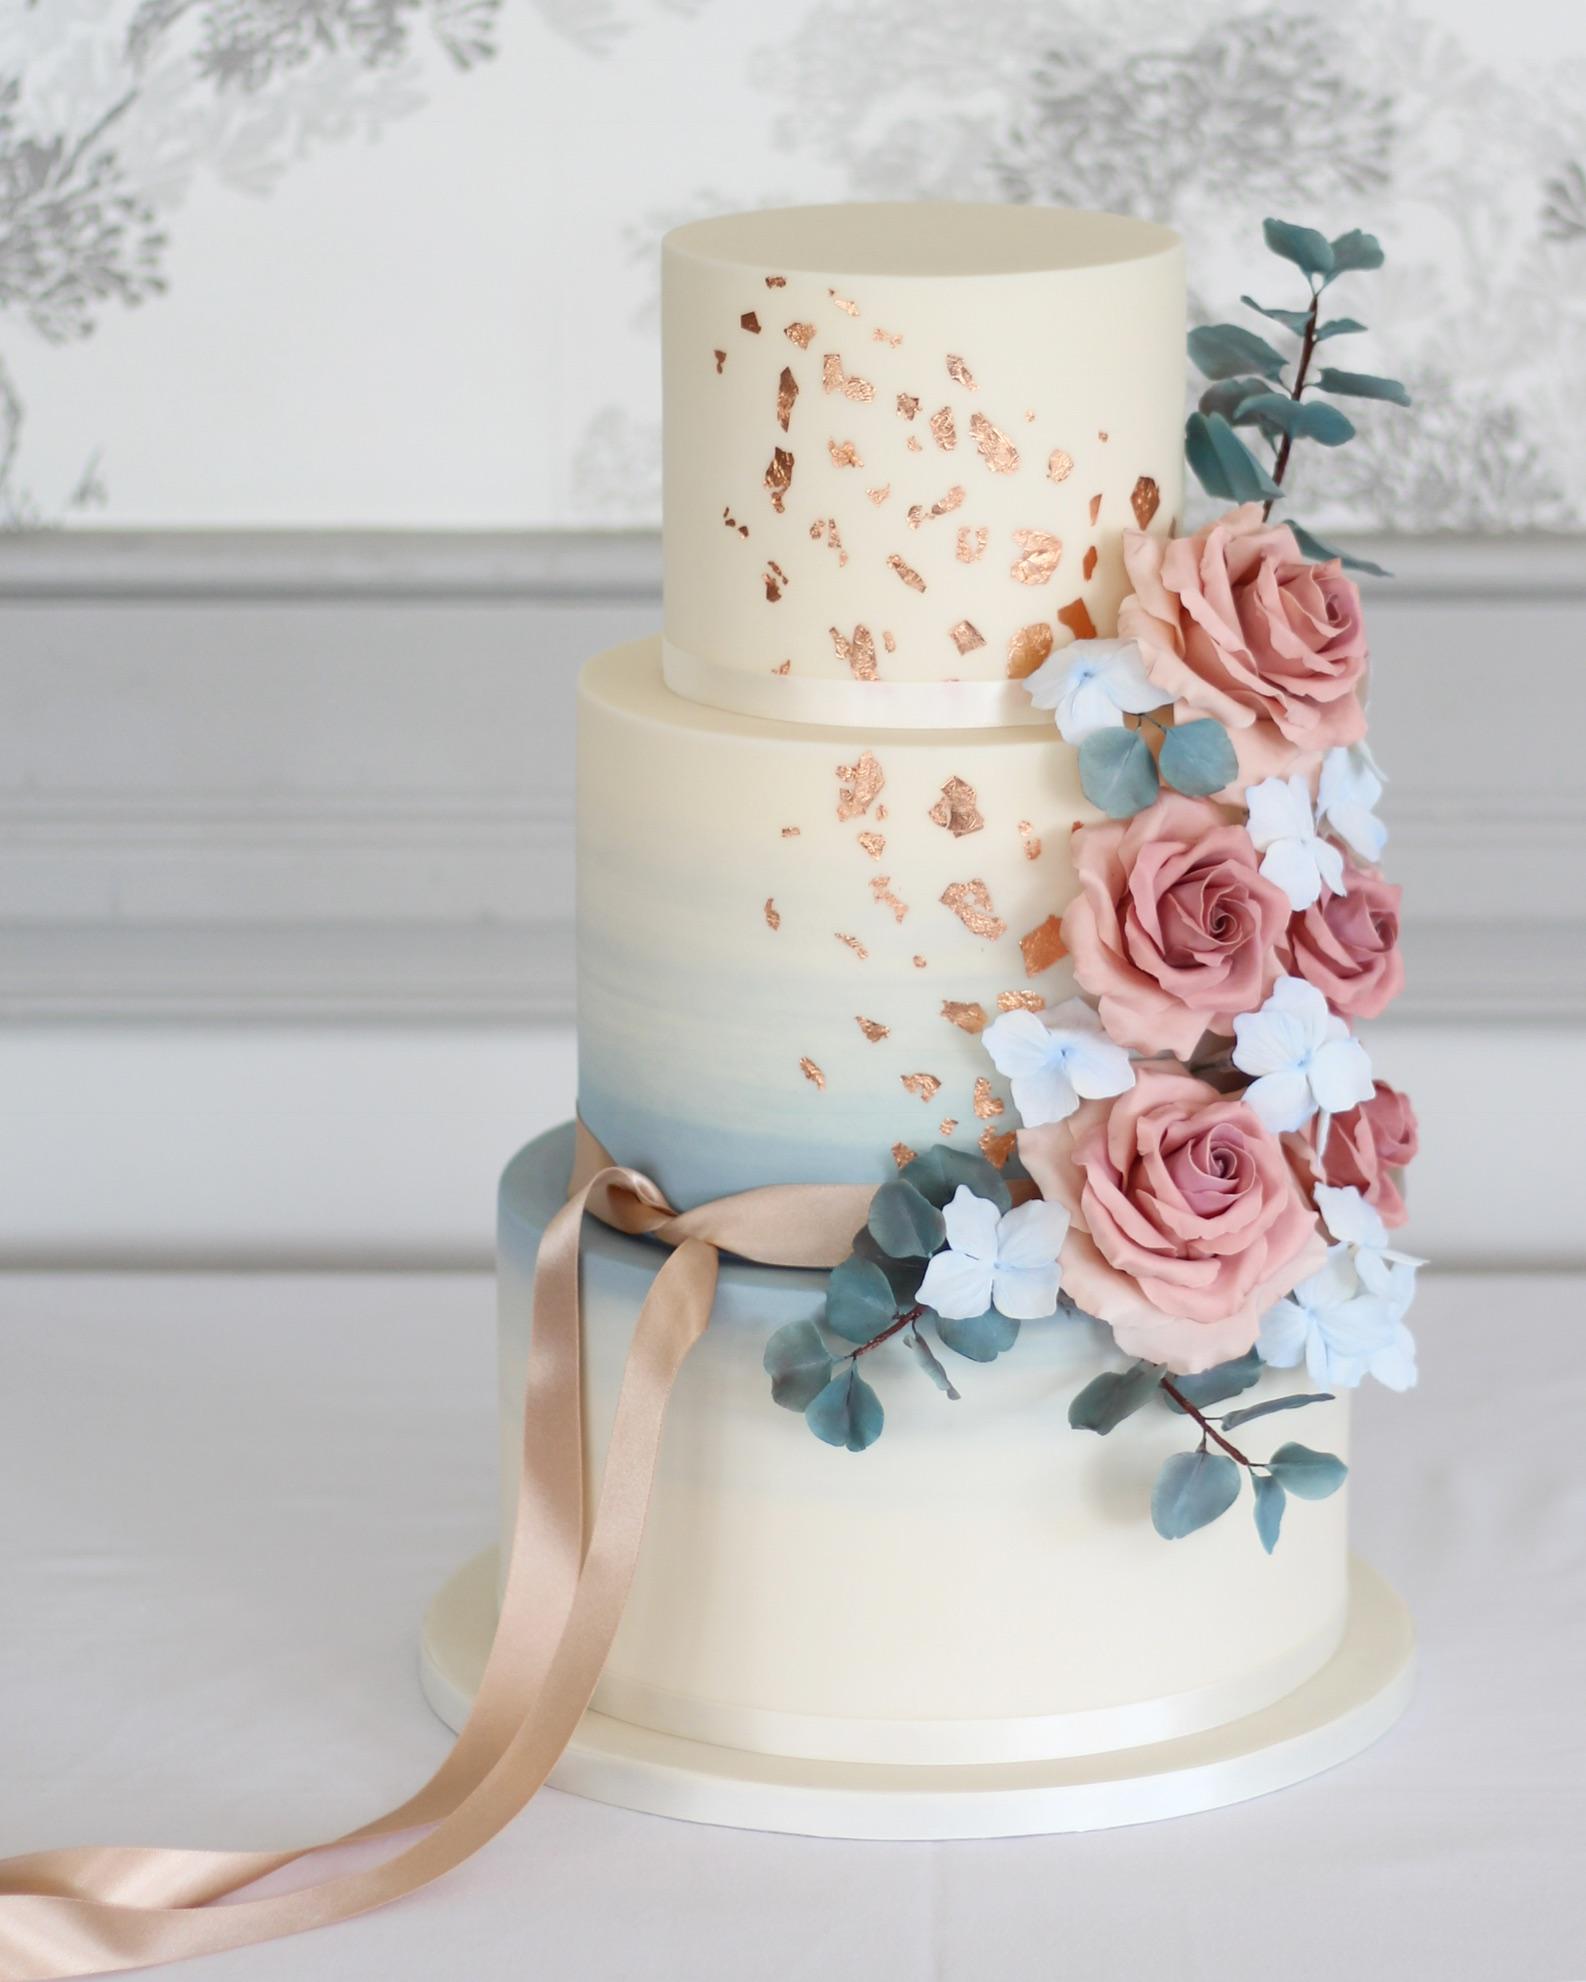 Watercolour & cappuccino rose wedding cake